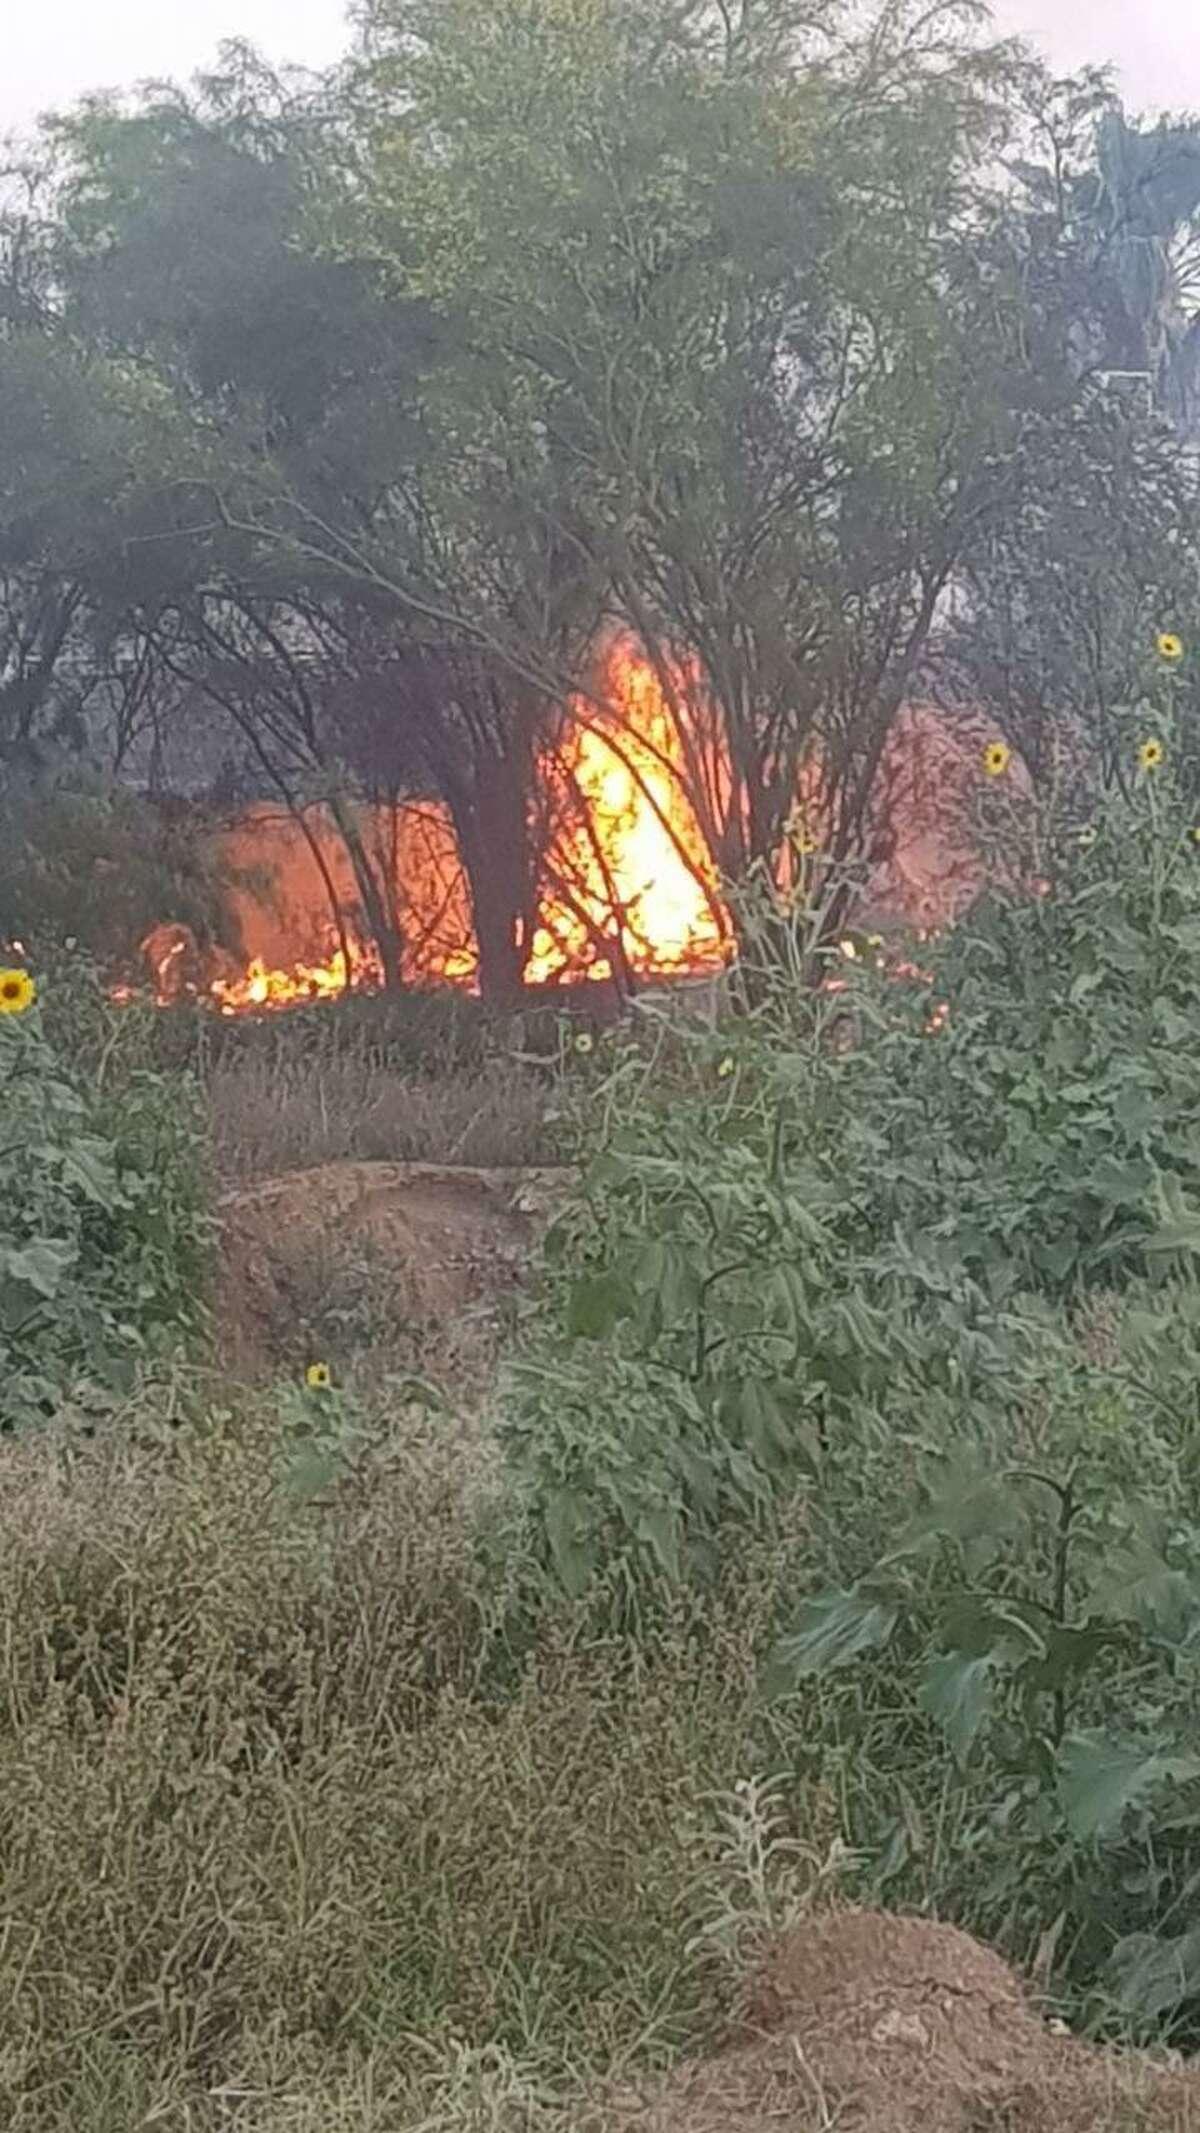 Funcionarios de Nuevo Laredo, México indicaron incendios en zacatales van en aumento pidieron precaución a la ciudadanía antes de intentar apagarlos.